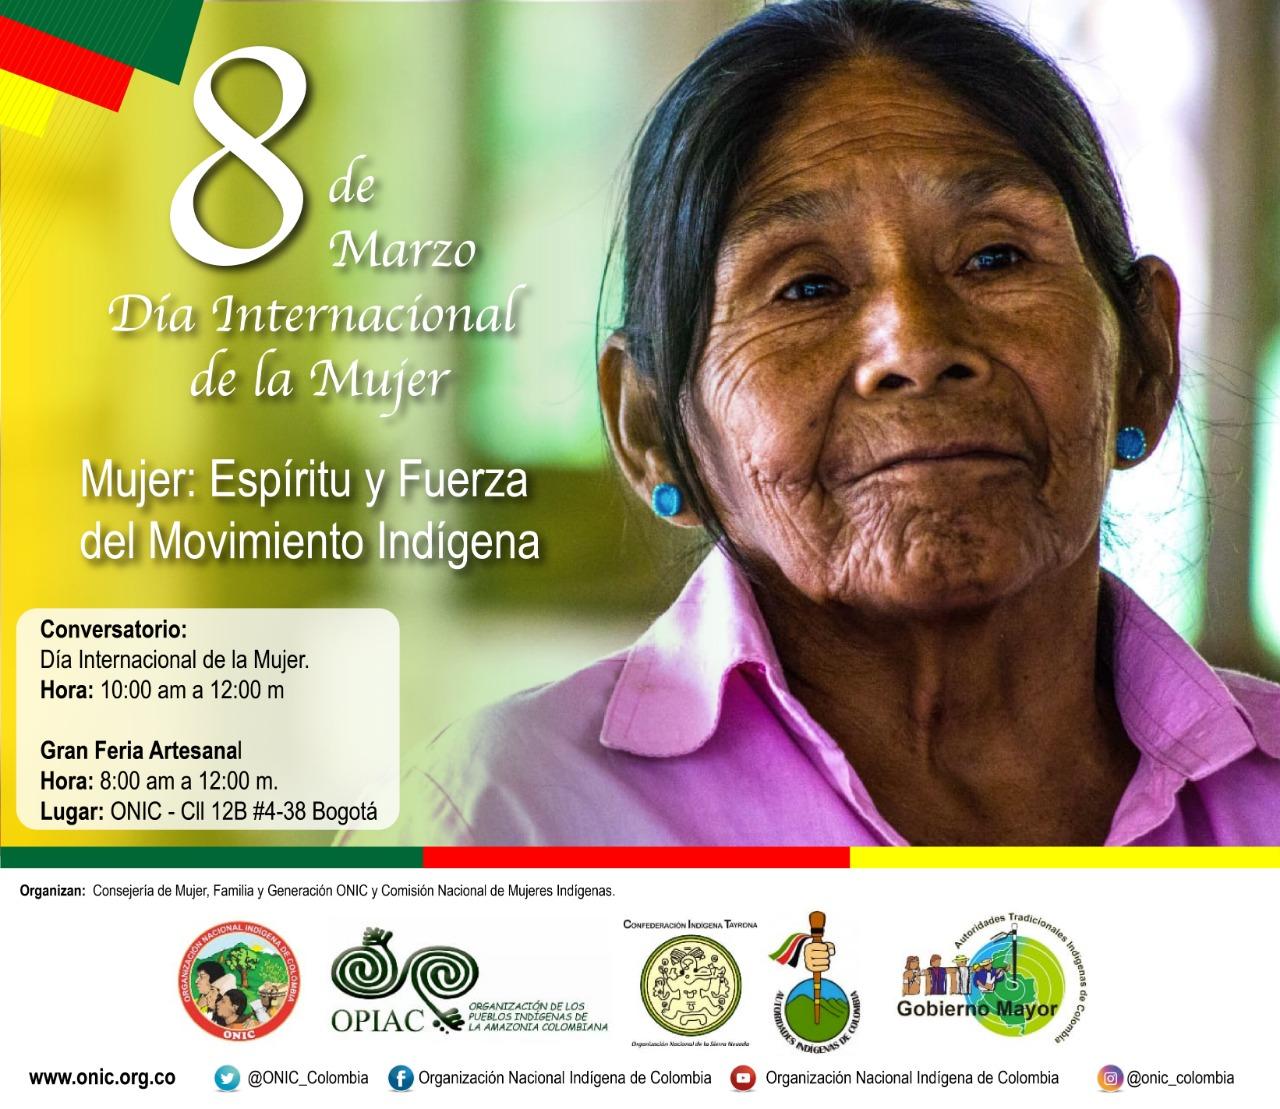 Convocatoria de ONIC para el conversatorio en el marco del Día Internacional de la Mujer